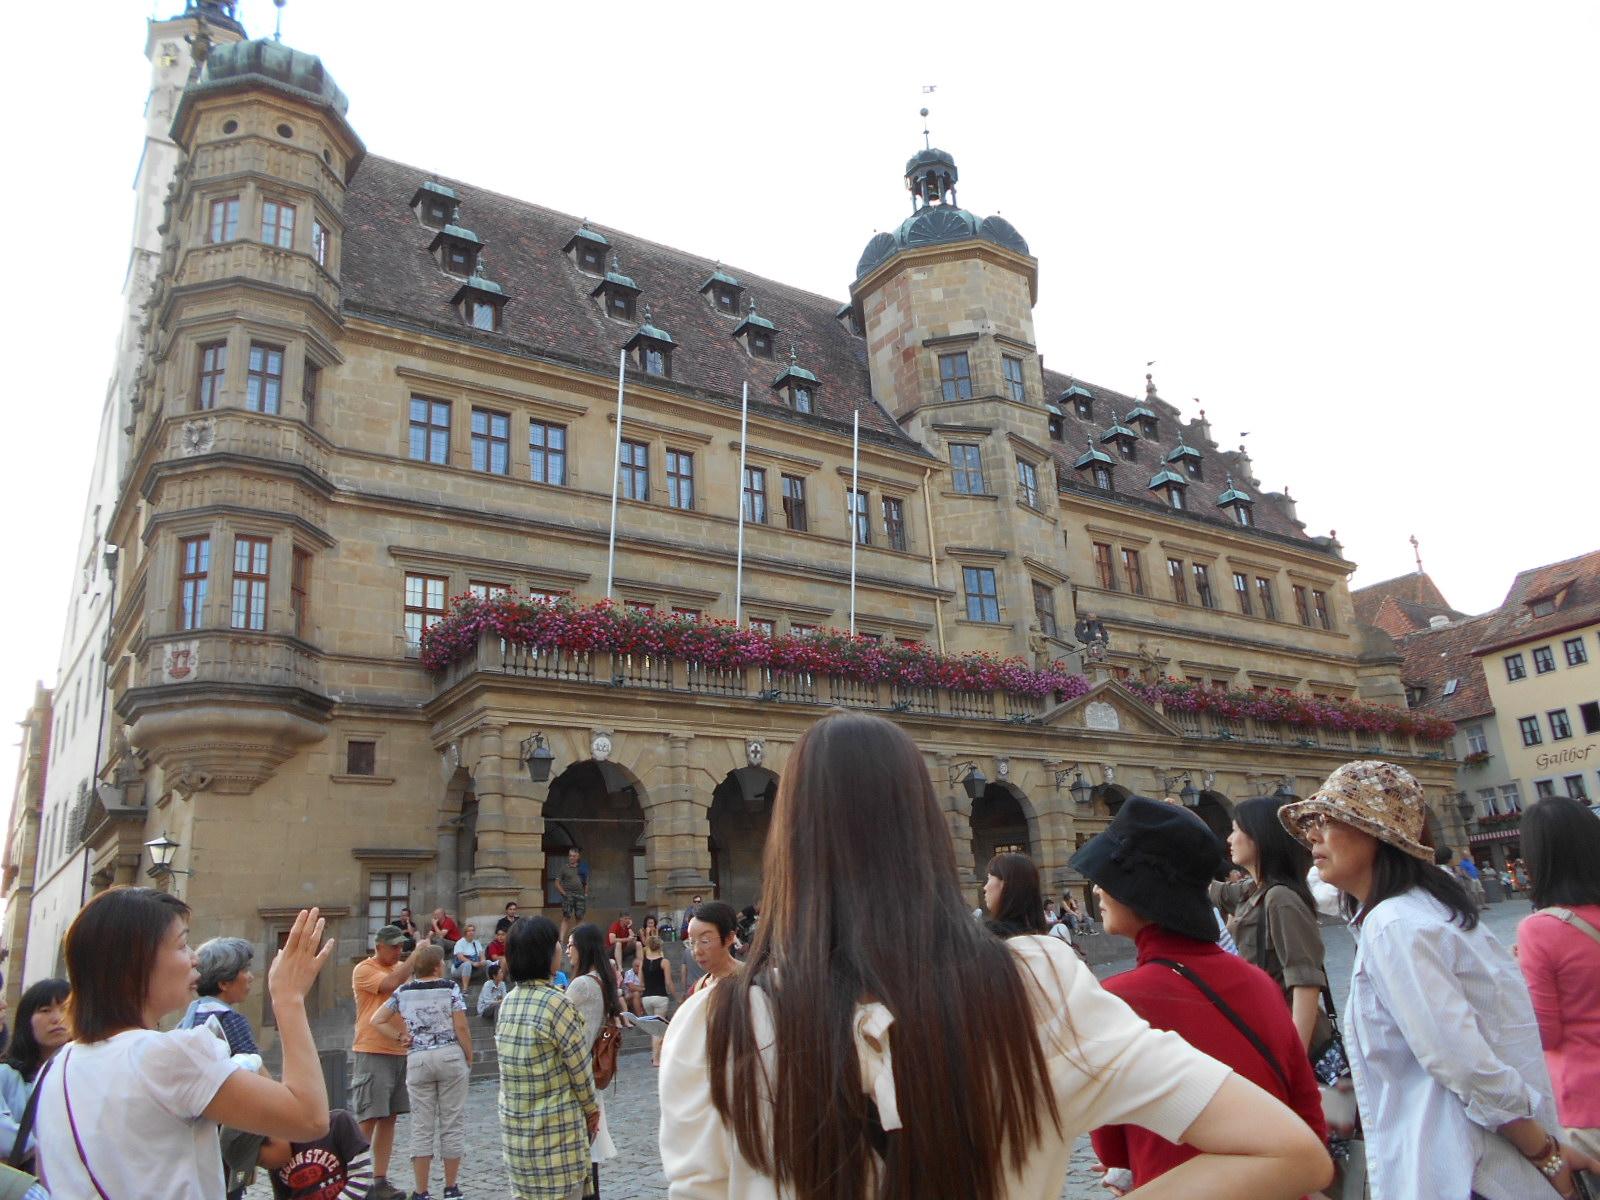 ローテンブルグ「マルクト広場」市庁舎